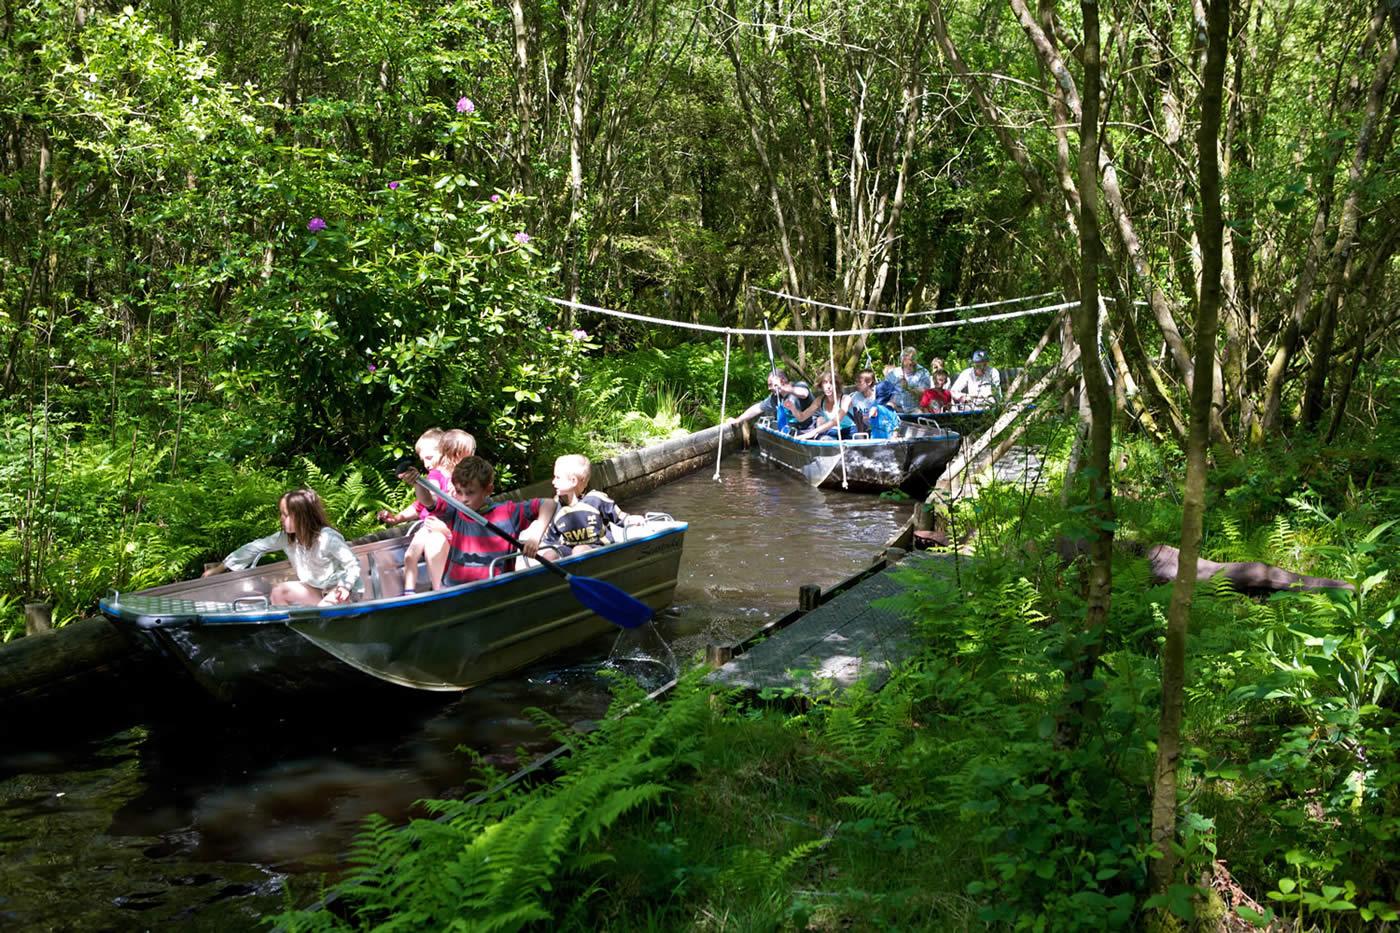 Children on boat ride through forest